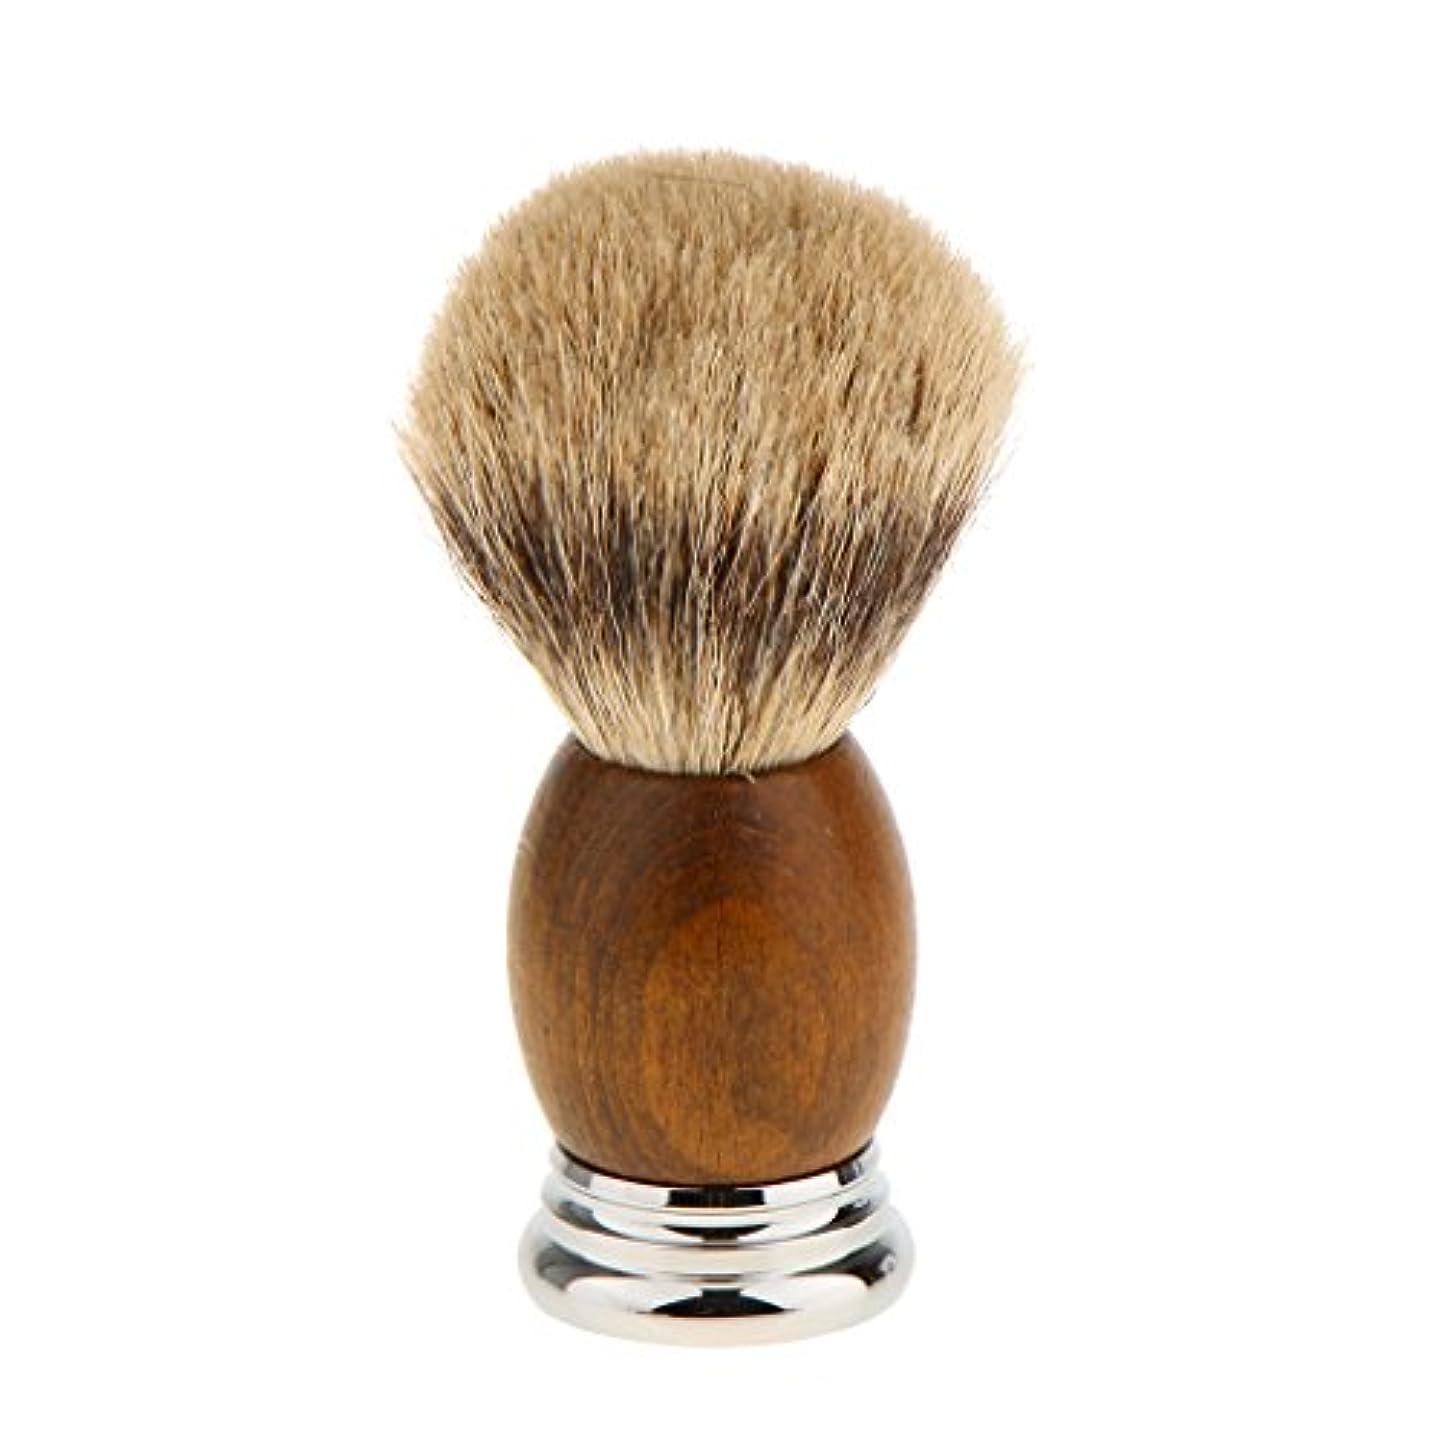 ペパーミント仮説バイアスLovoski 紳士 高密度 シェービングブラシ レトロ 木製ハンドル 髭剃り 泡立ち 洗顔ブラシ 父の日